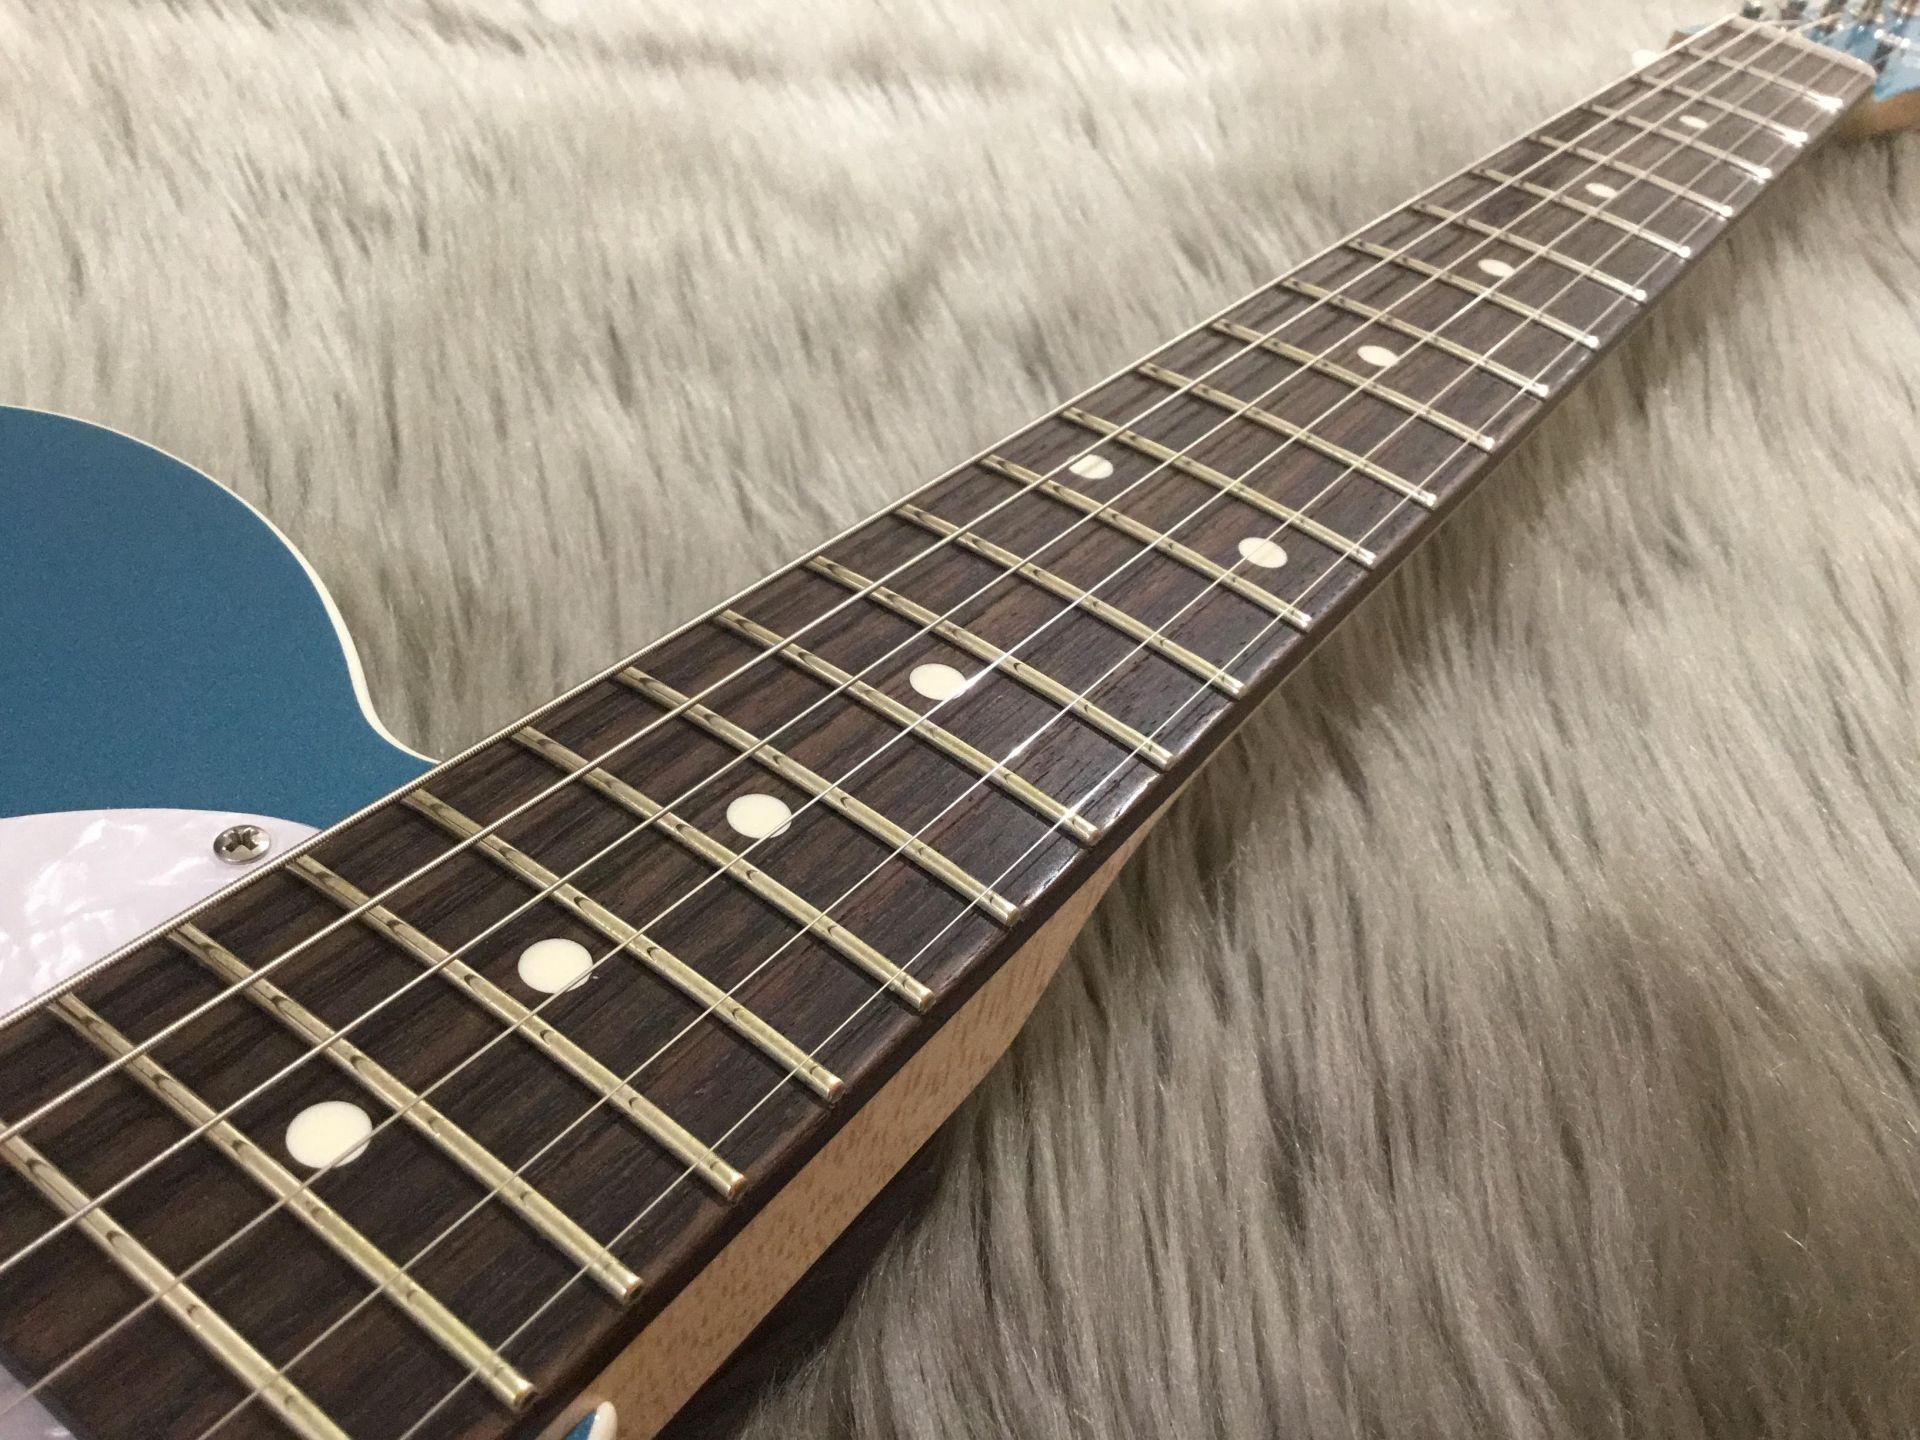 【7本限定】Standard-T / Neon Blue Metallicの指板画像